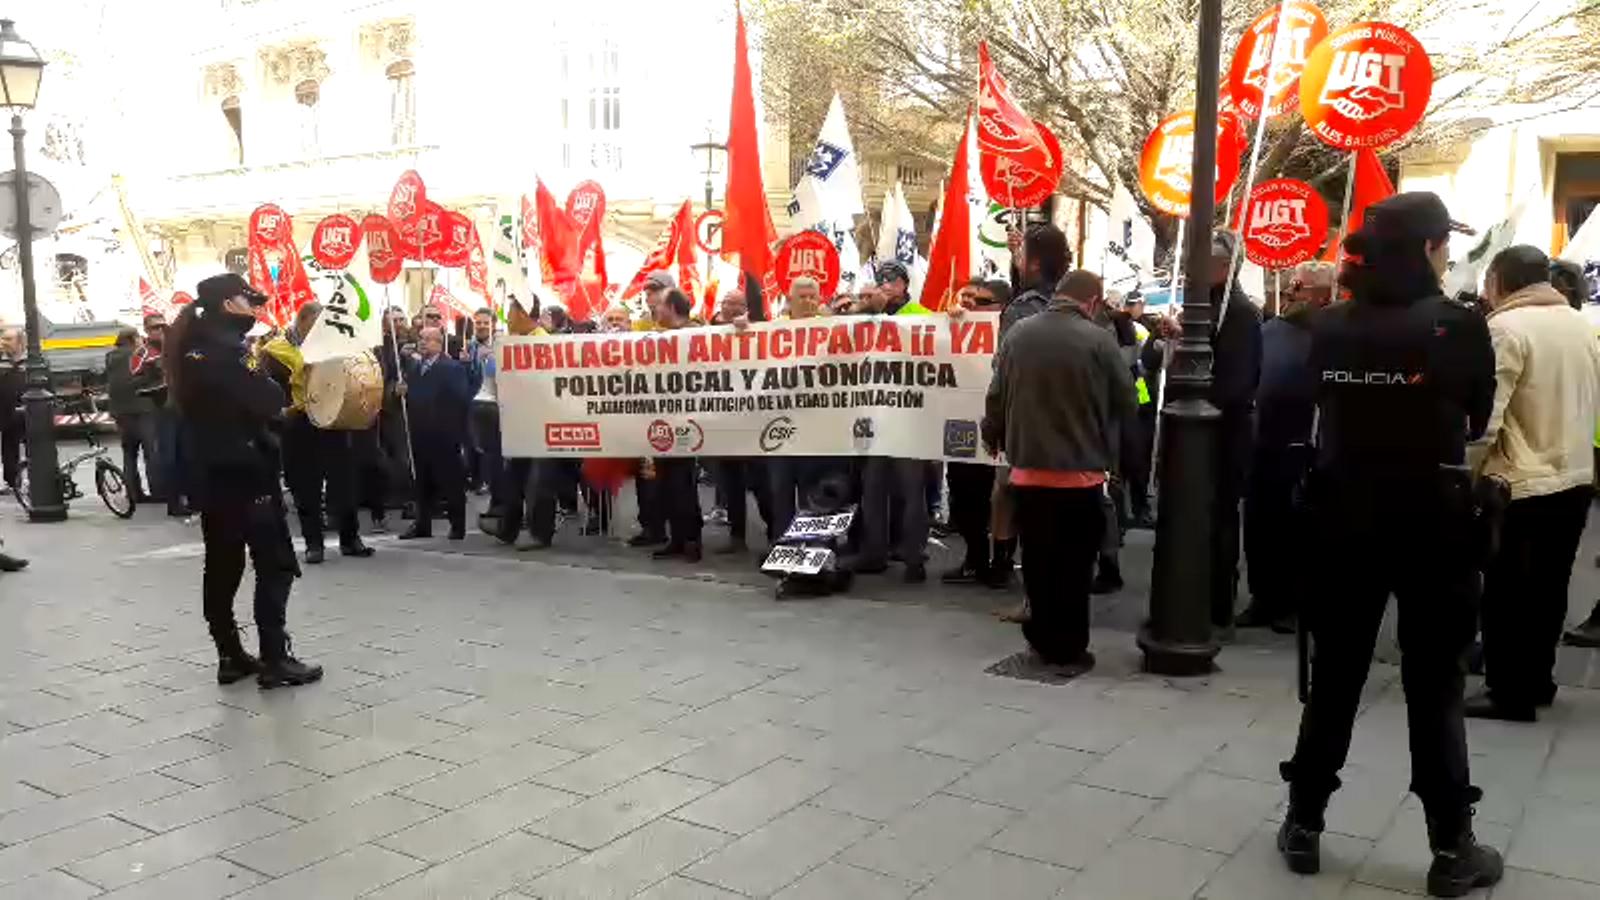 Vídeo de la manifestació